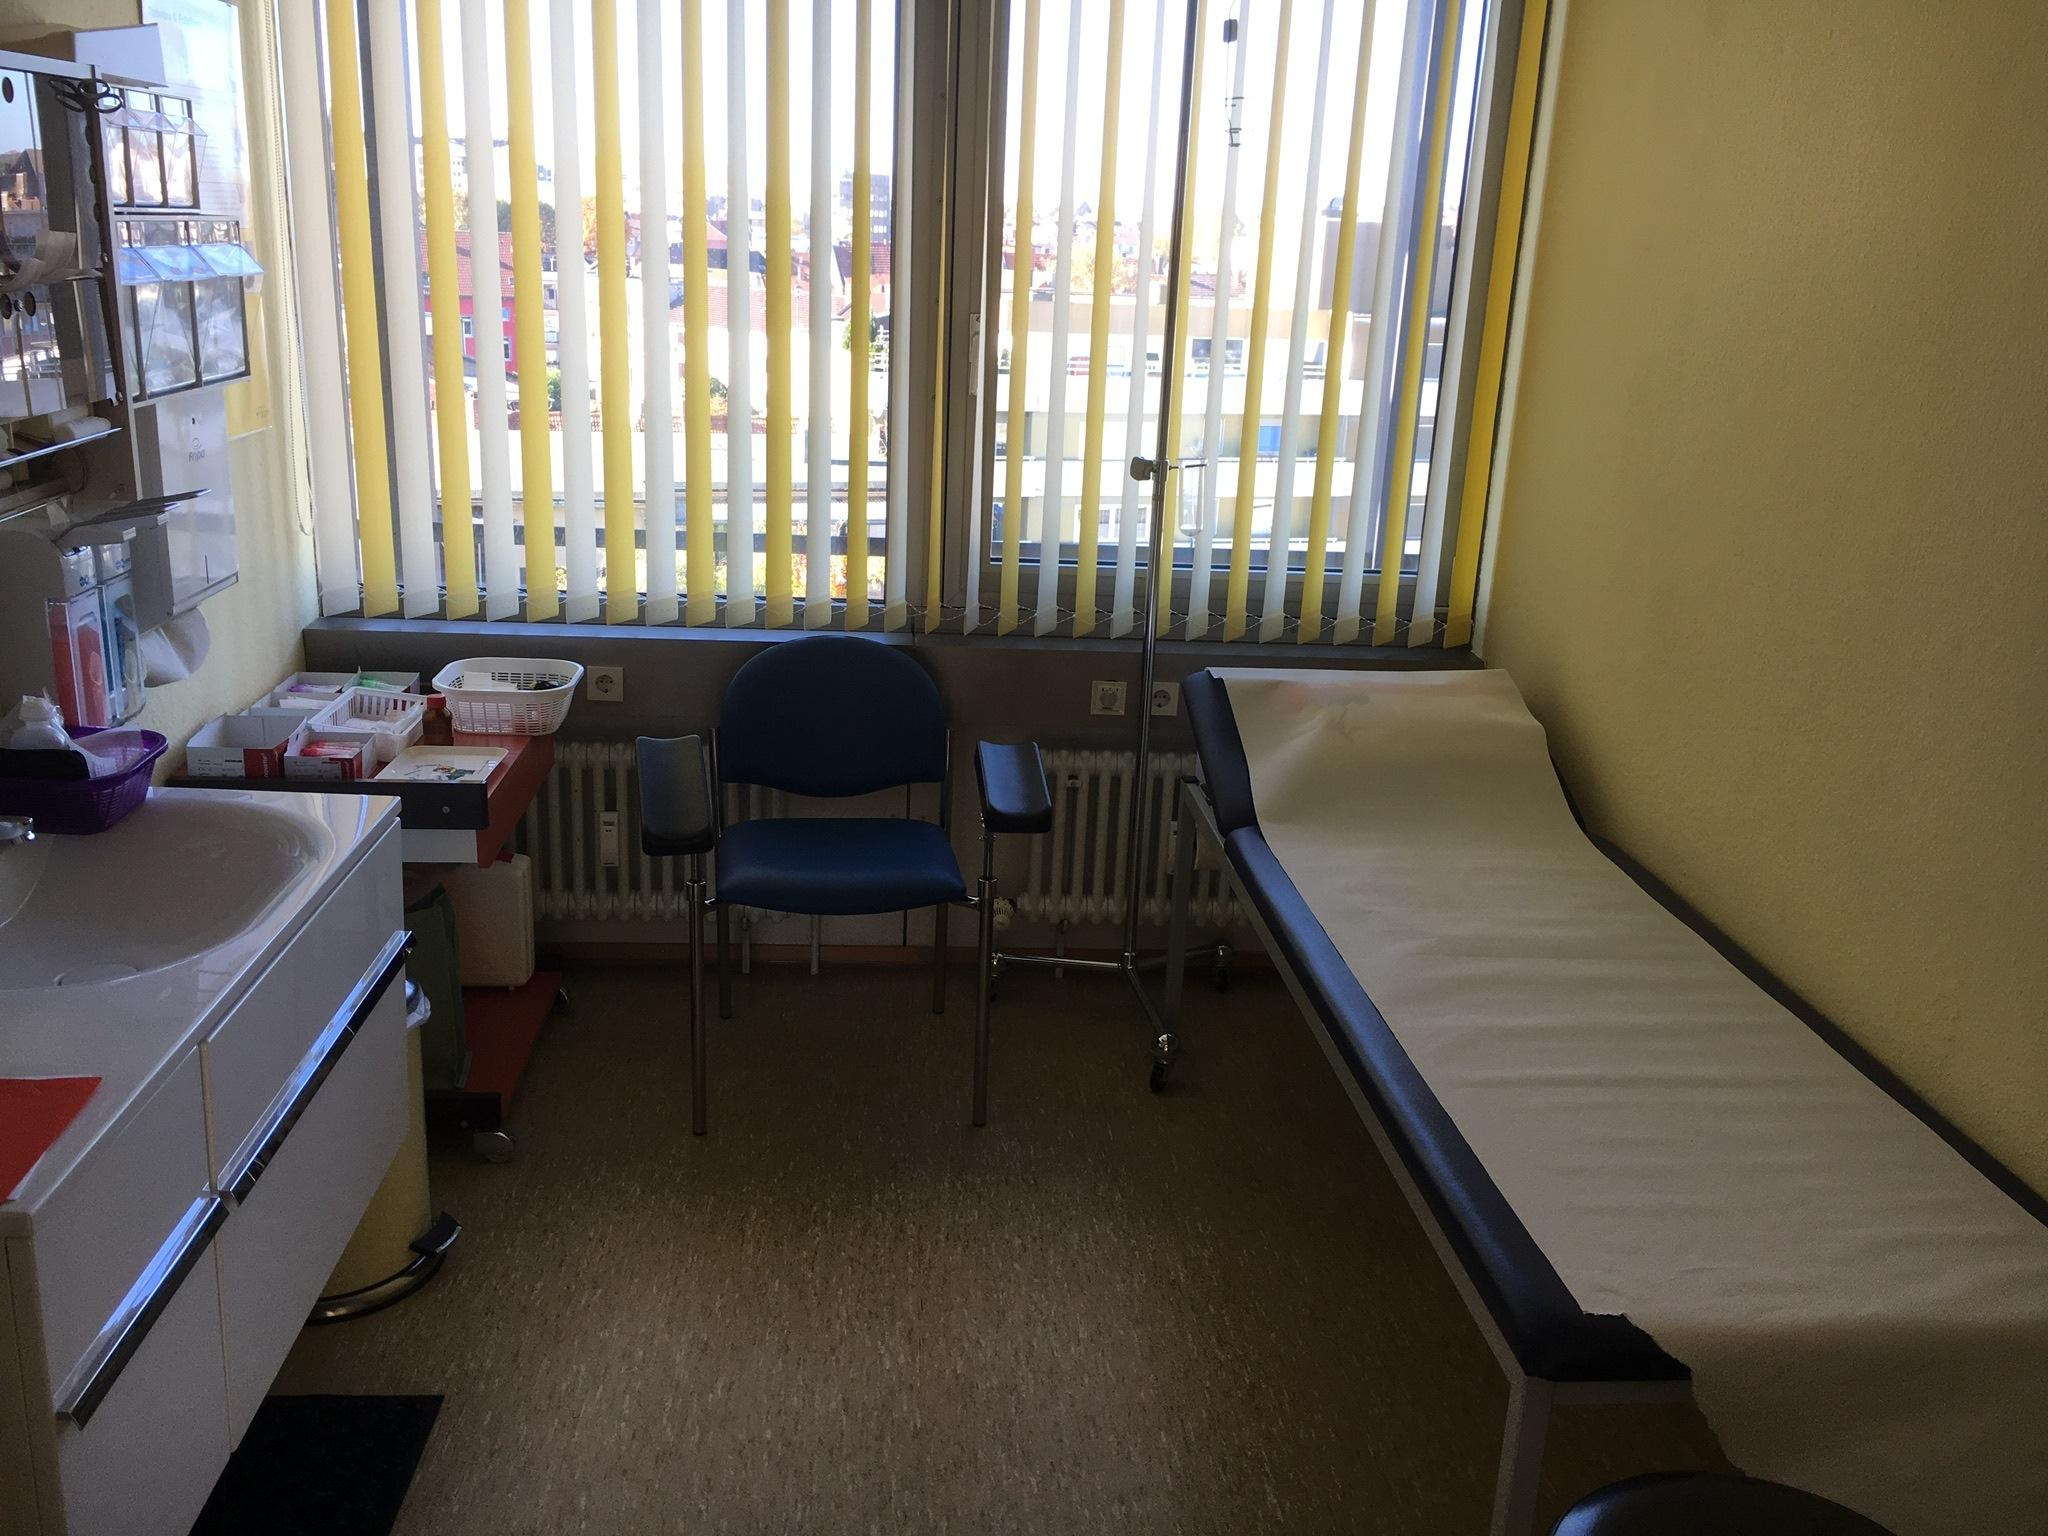 Verbandzimmer